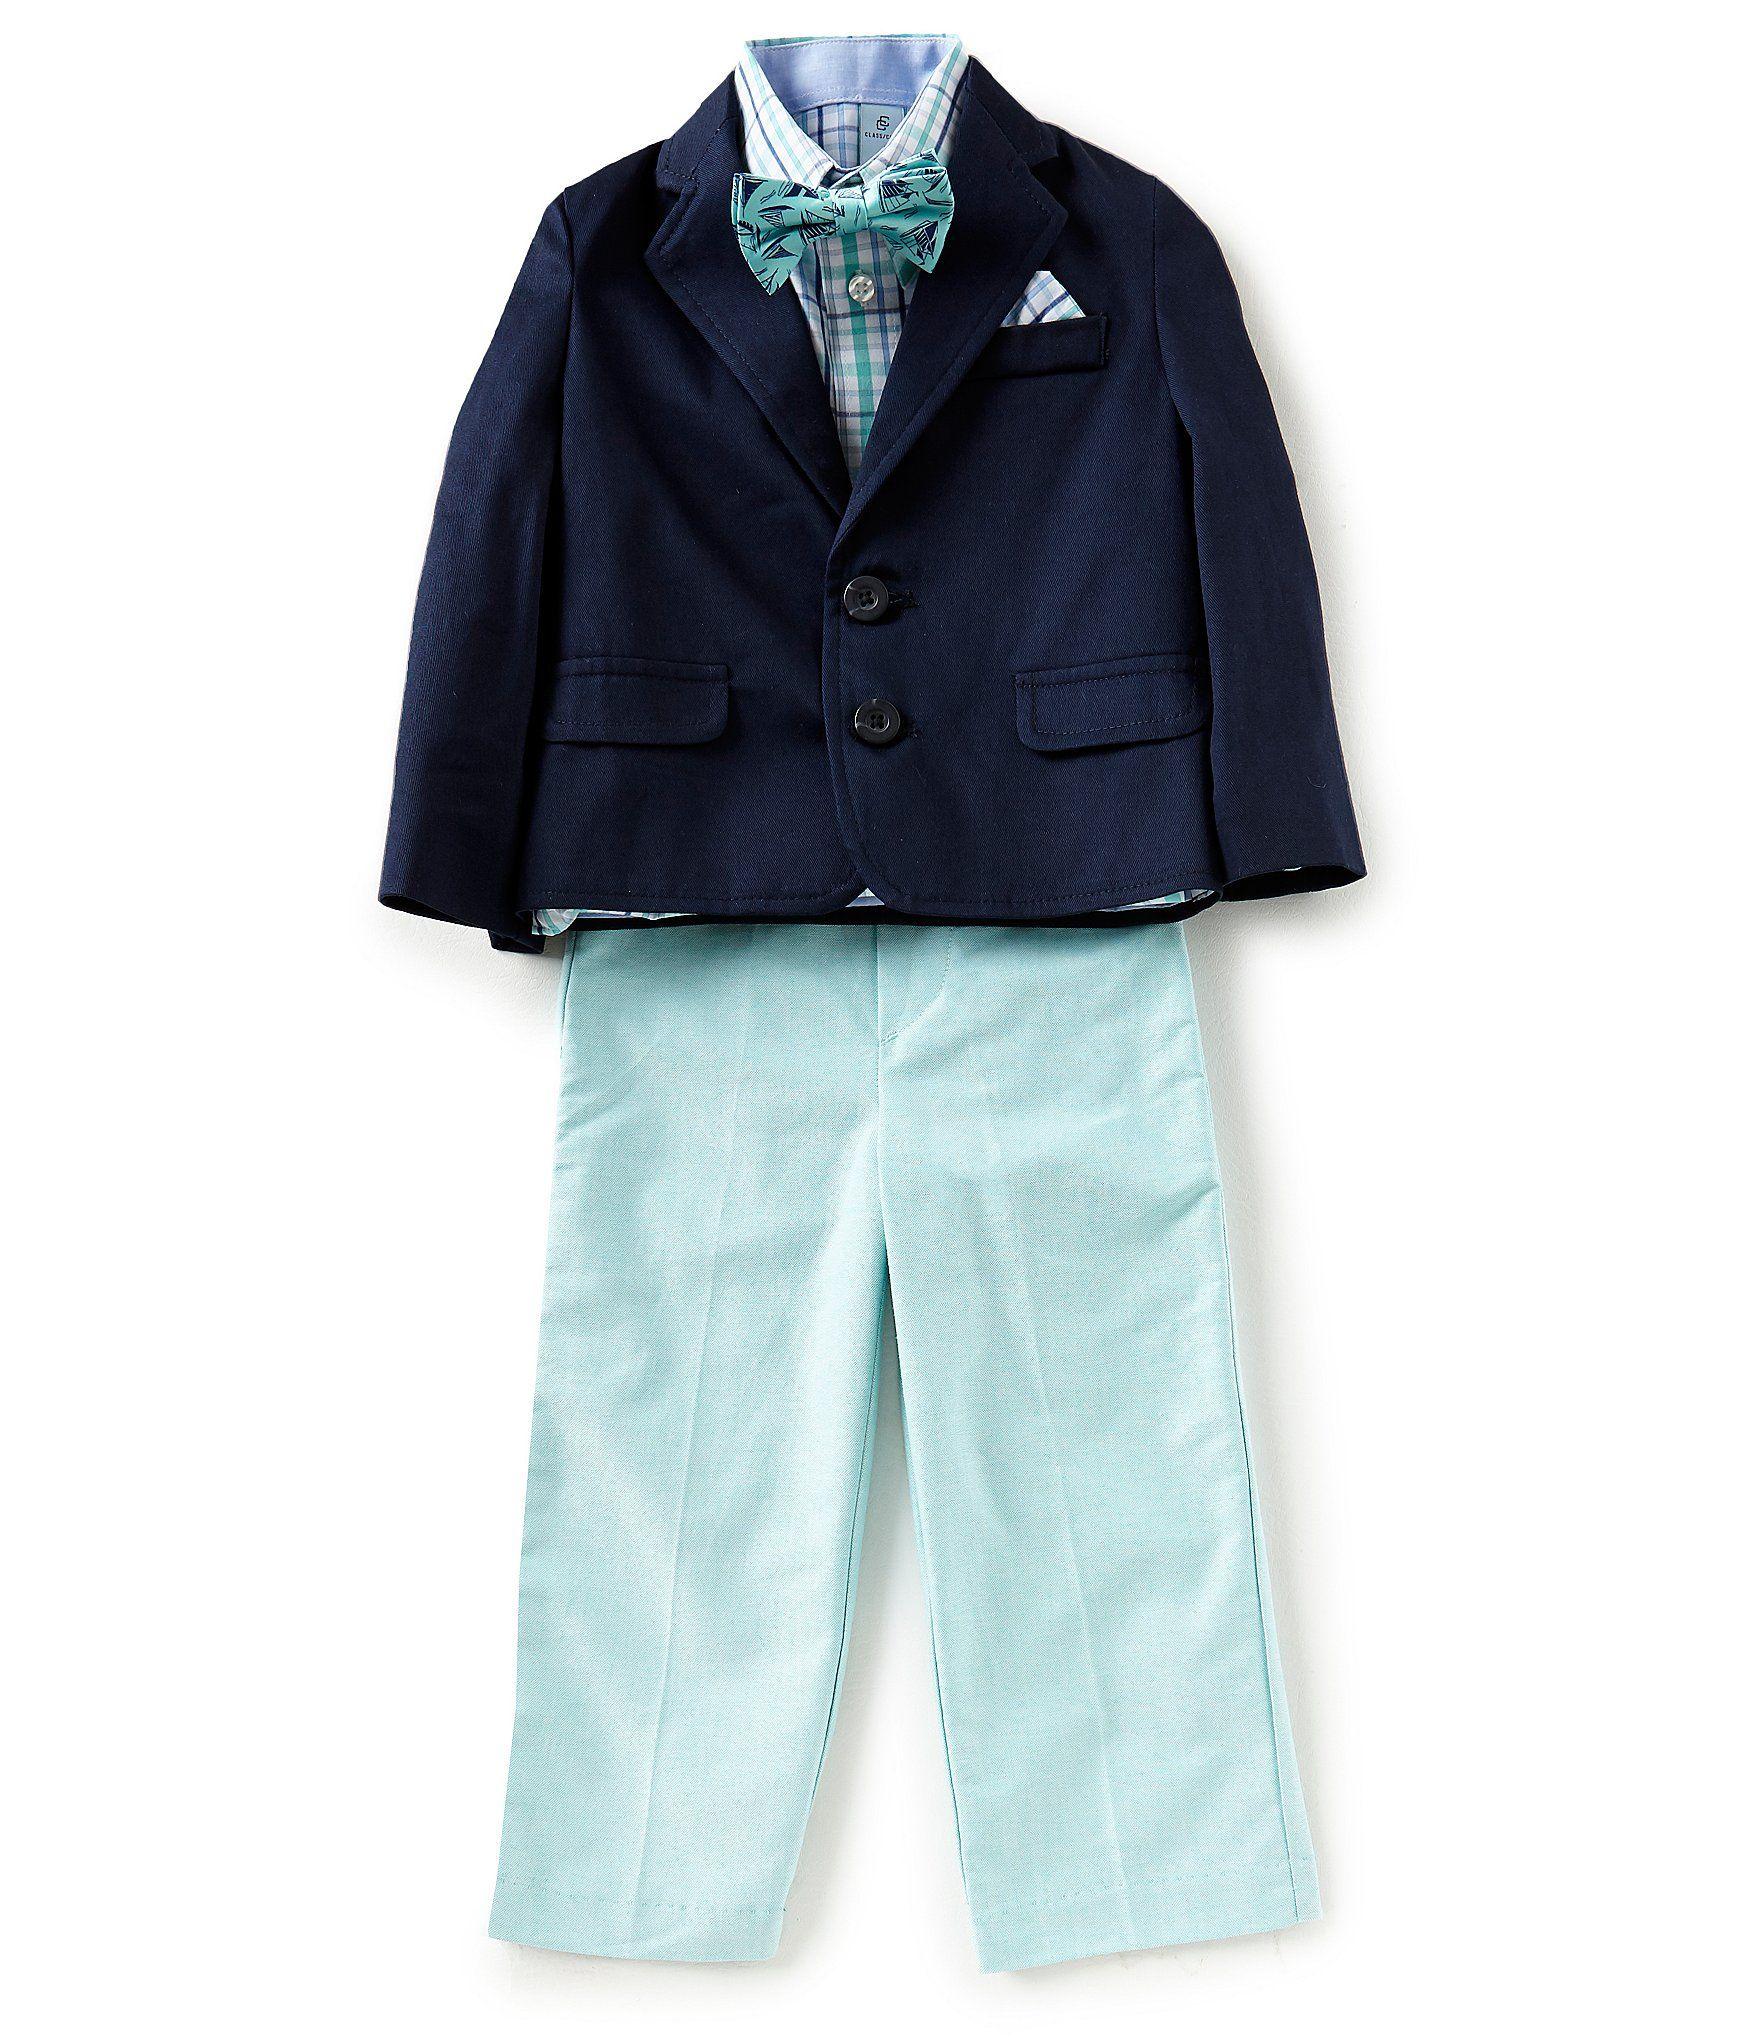 278cc411d896 Class Club Little Boys 2T-7 Plaid Button-Down Shirt, Jacket, Pants, & Boat  Bow Tie 4-Piece Suit Set #Dillards